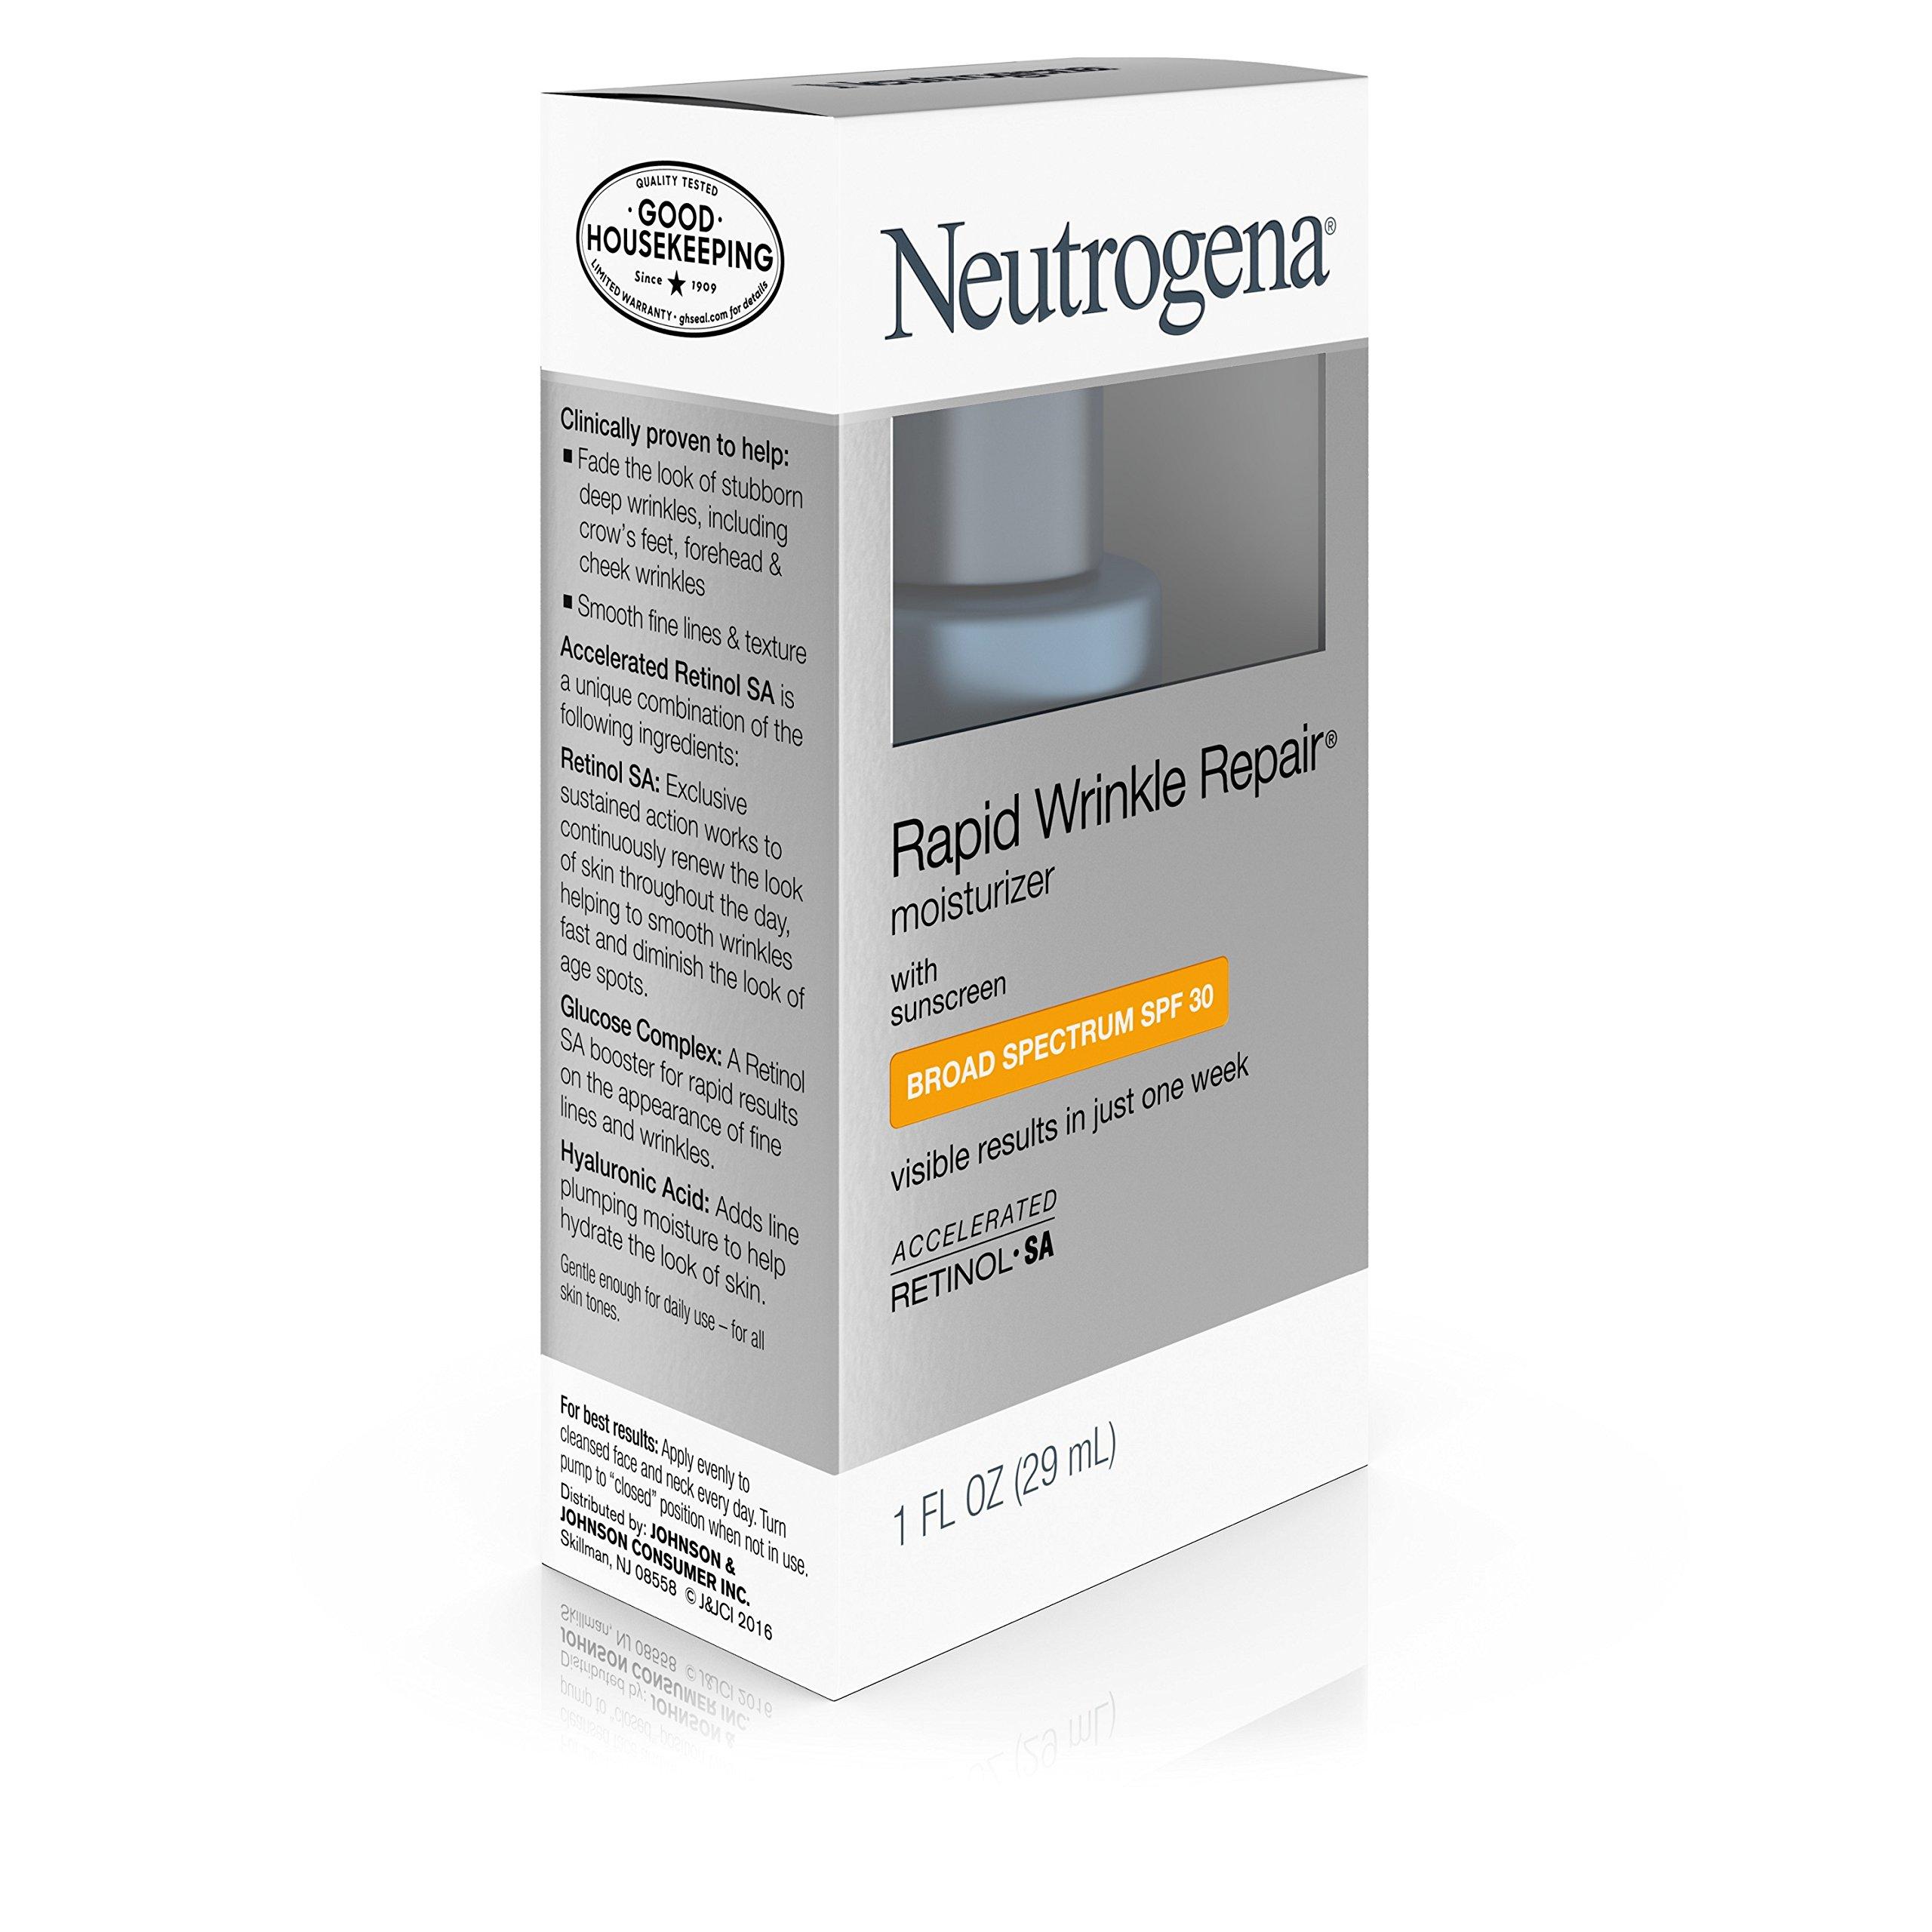 Neutrogena Rapid Wrinkle Repair Anti-Wrinkle Retinol Daily Face Moisturizer, with SPF 30 Sunscreen, 1 fl. Oz by Neutrogena (Image #5)